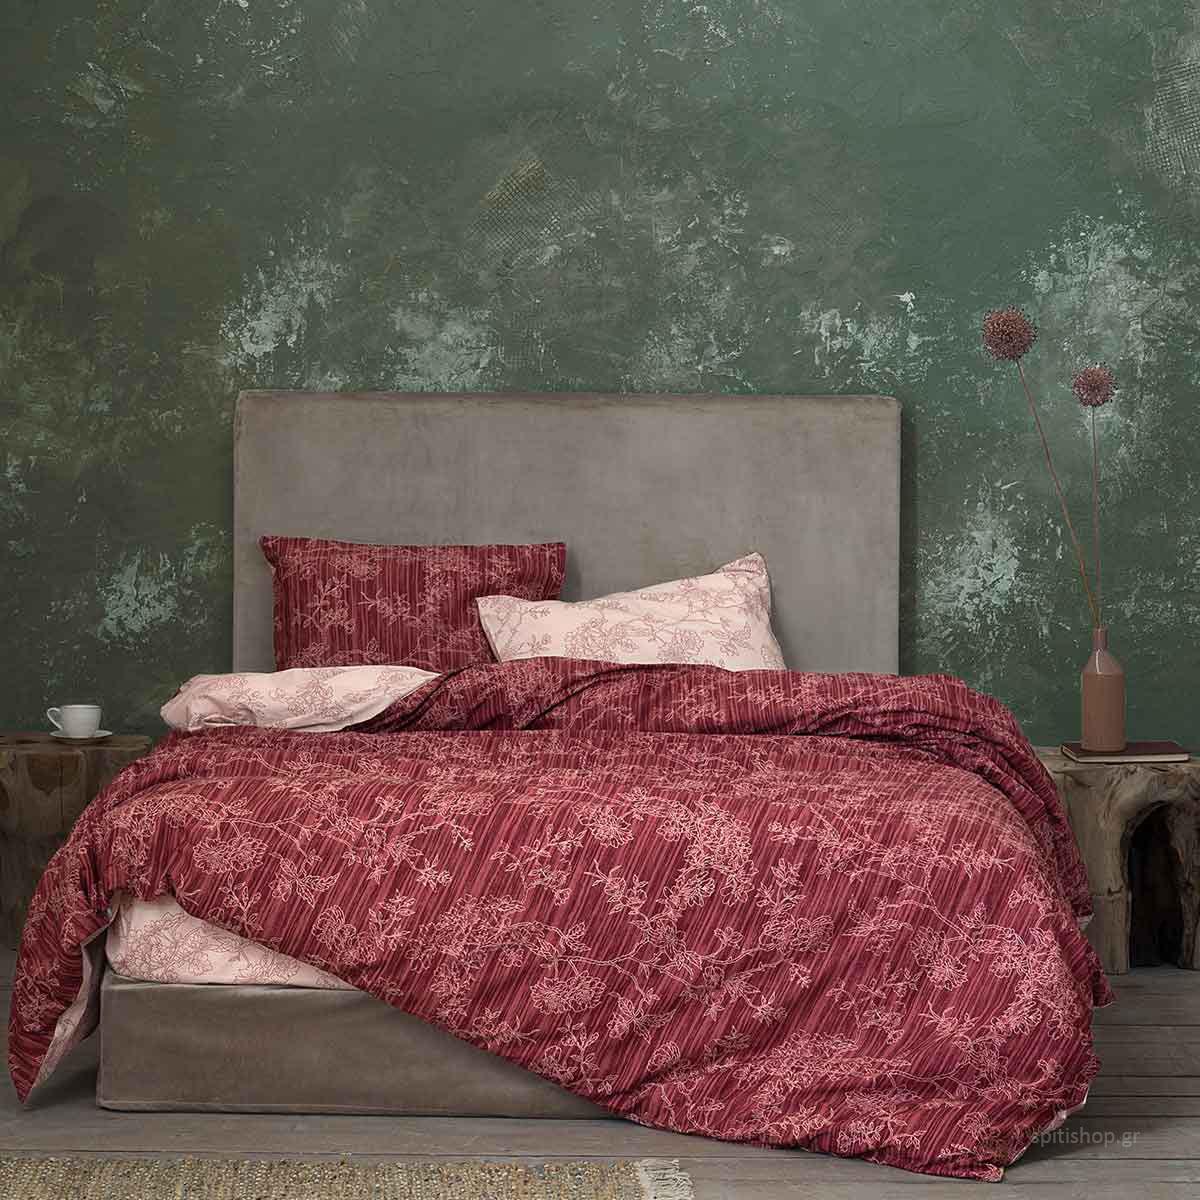 Σεντόνια Υπέρδιπλα (Σετ 240×260) Nima Bed Linen Florence Wine Red ΜΕ ΛΑΣΤΙΧΟ 160×200+32 ΜΕ ΛΑΣΤΙΧΟ 160×200+32